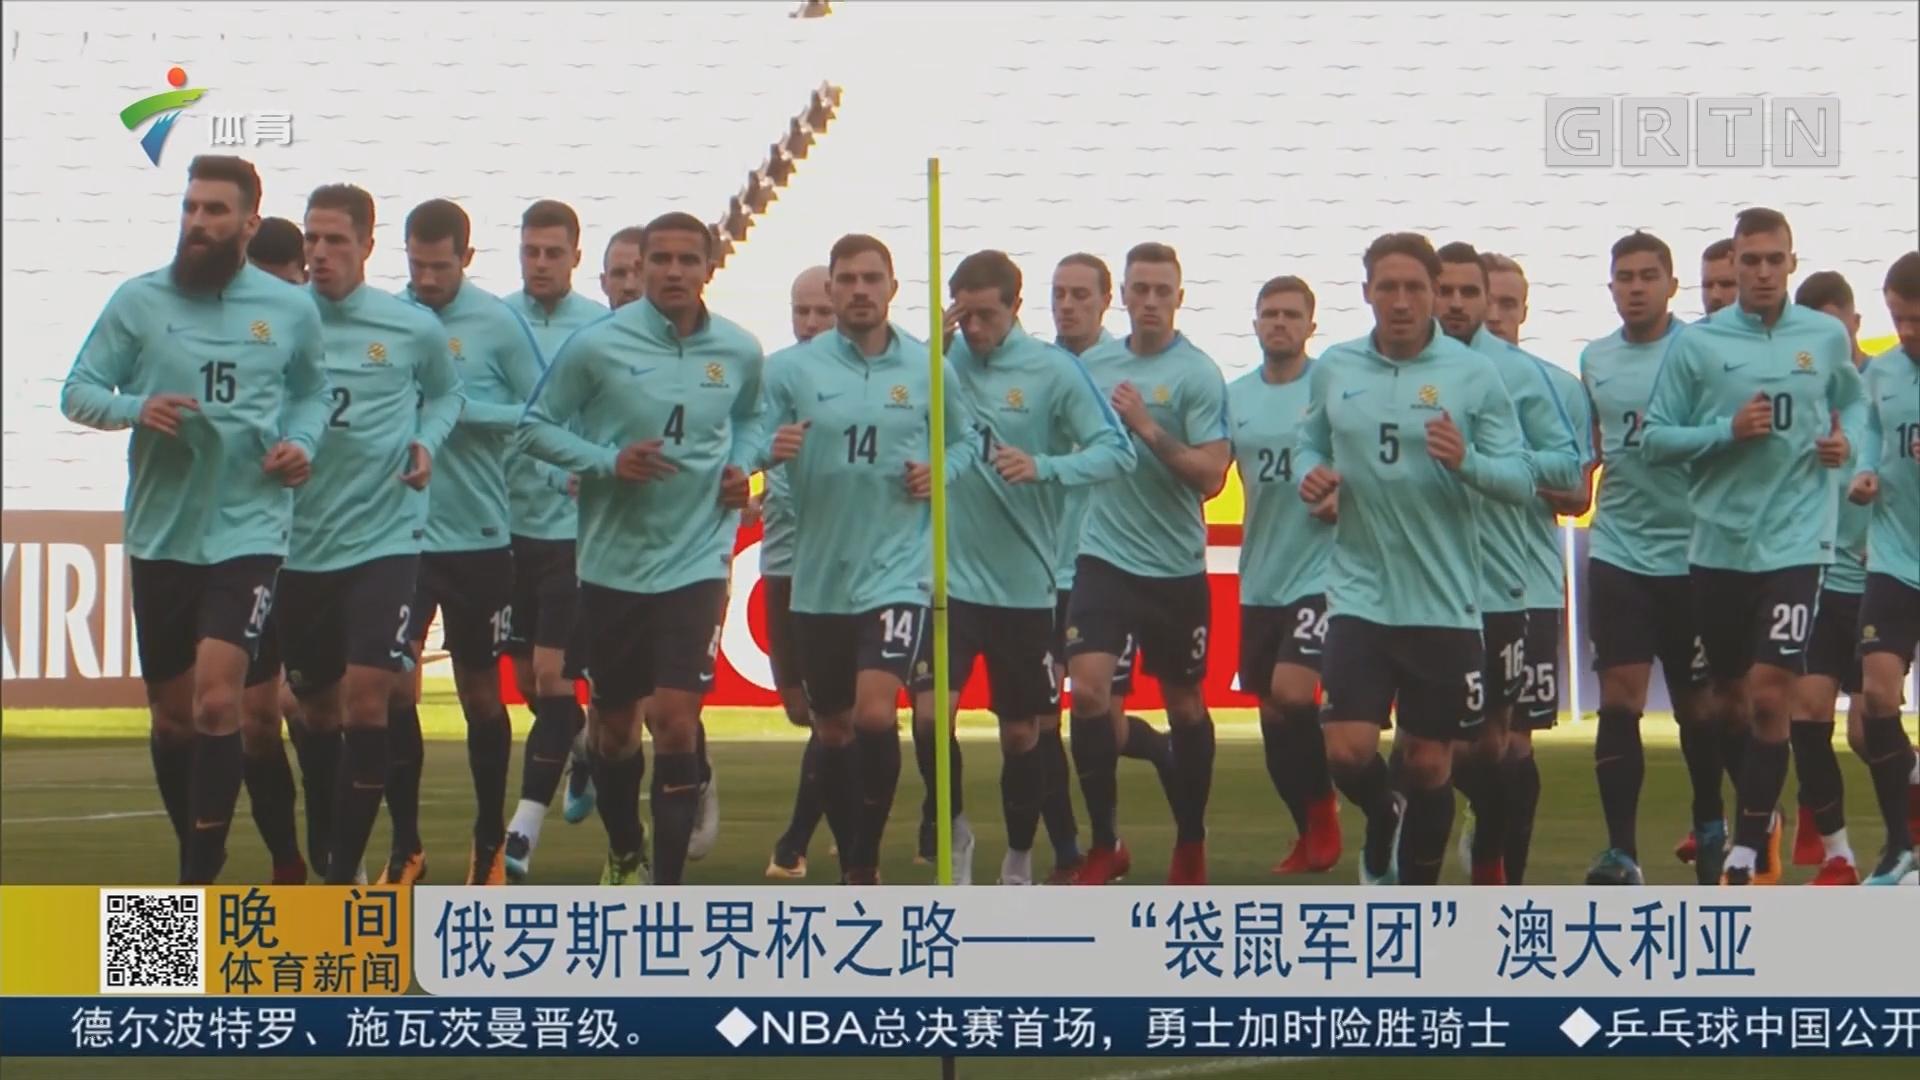 """俄罗斯世界杯之路——""""袋鼠军团""""澳大利亚"""